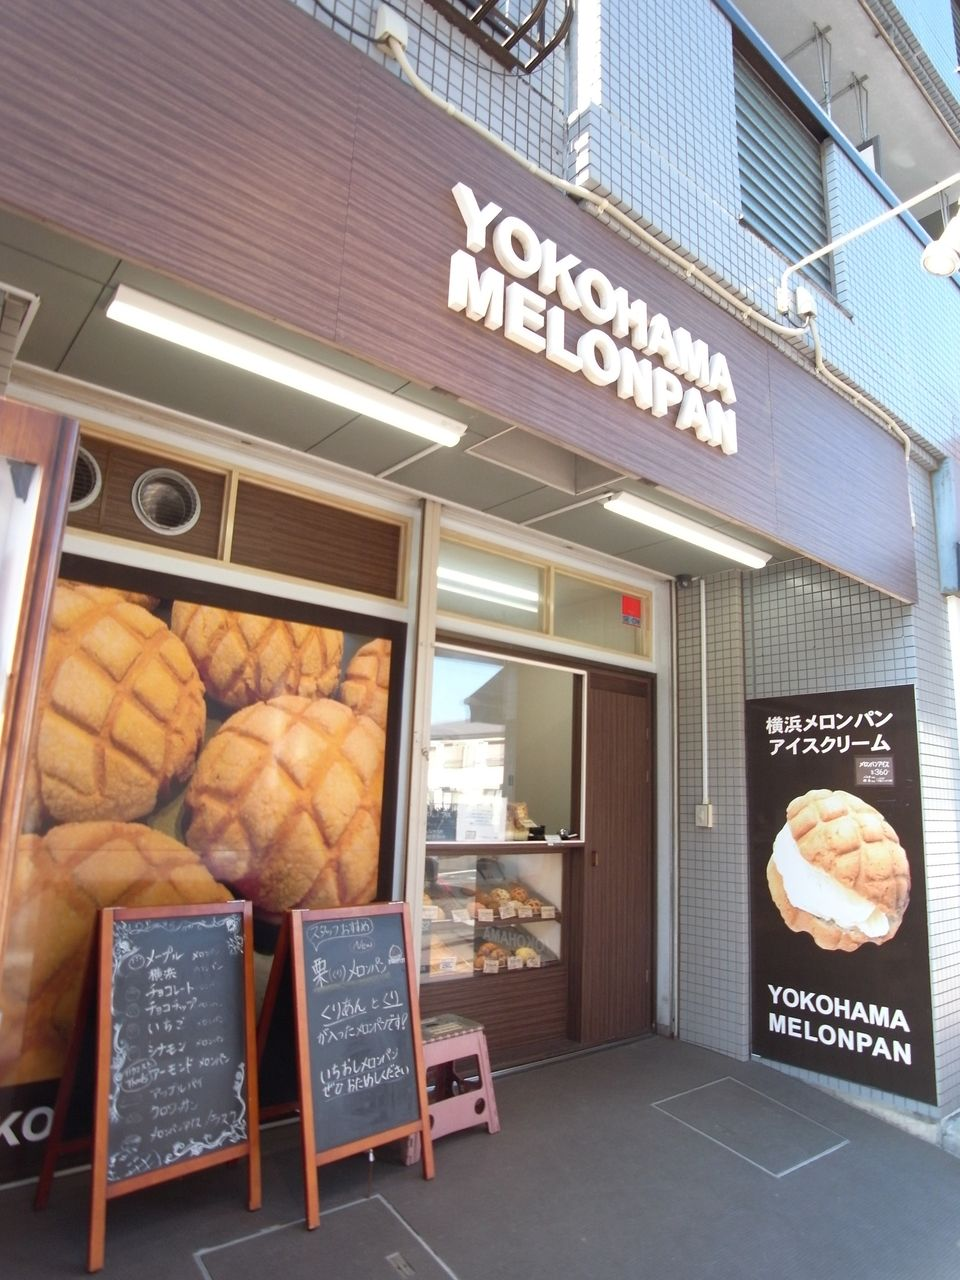 実籾駅前のYOKOHAMA MELONPAN(横浜メロンパン)